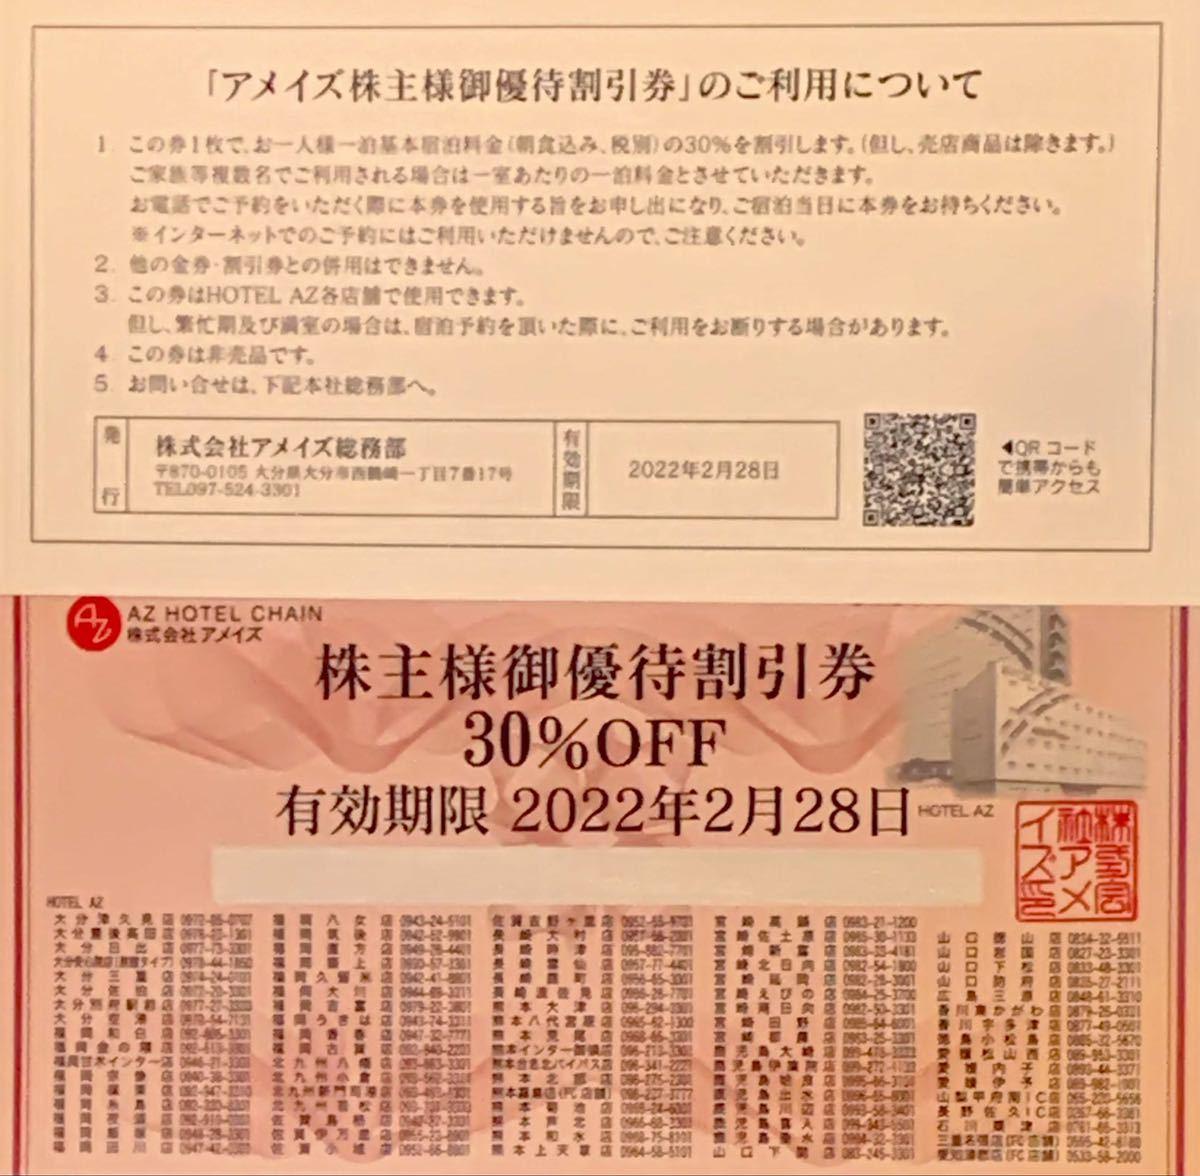 【★送料込★即決】アメイズ 株主優待券 ホテルAZ 30%割引★有効期限2022年2月28日_画像1